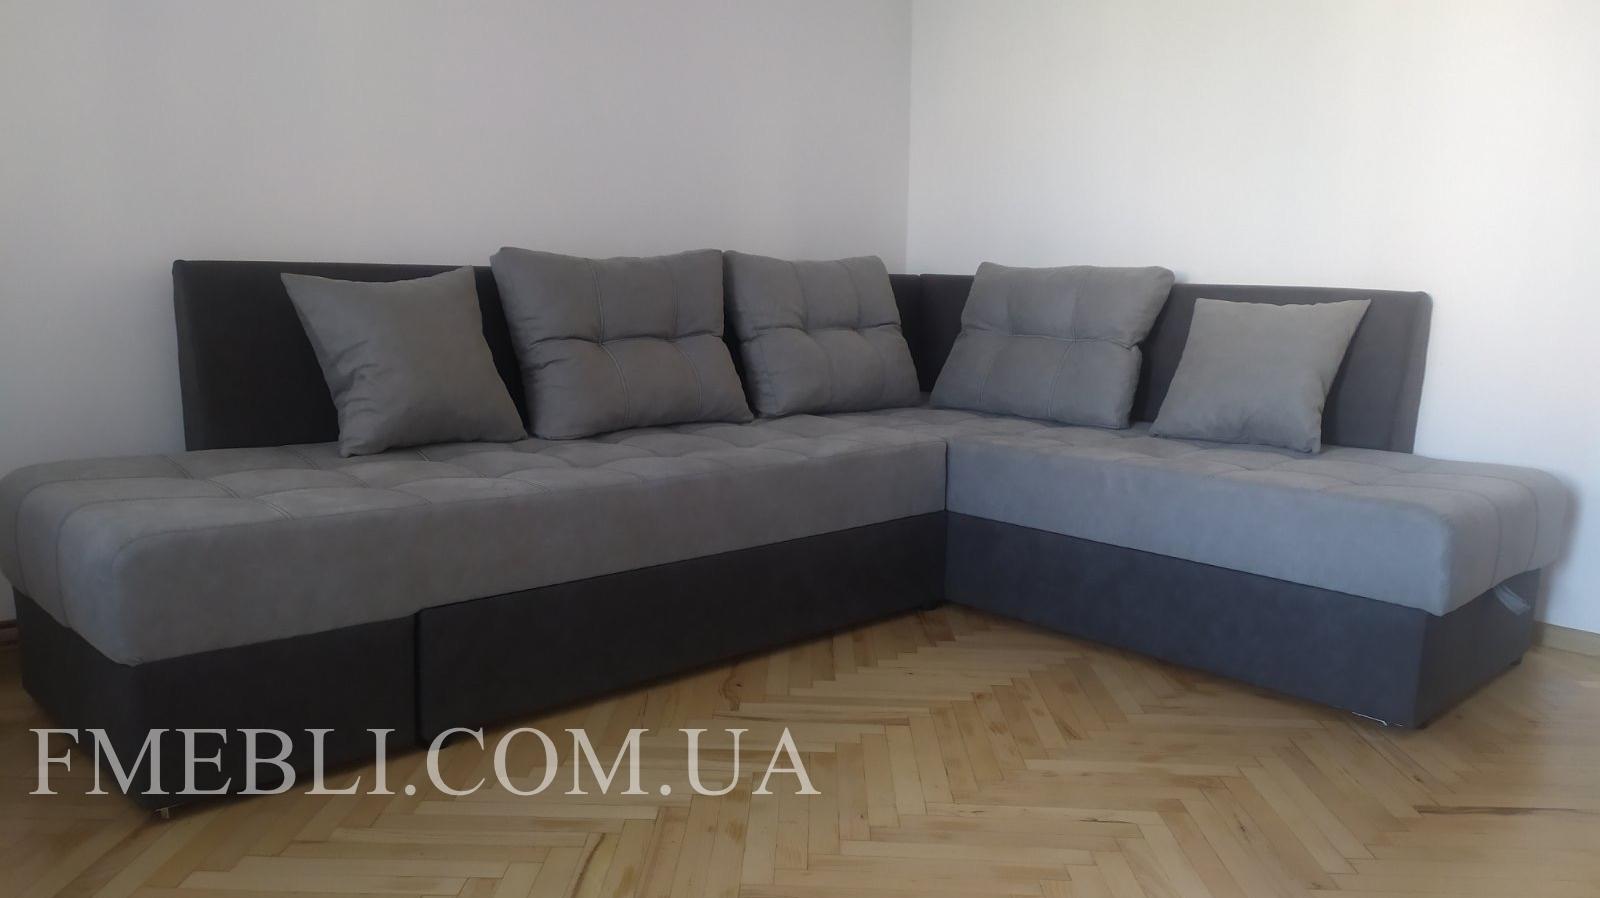 Кутовий диван Преміум + Відеоогляд 6